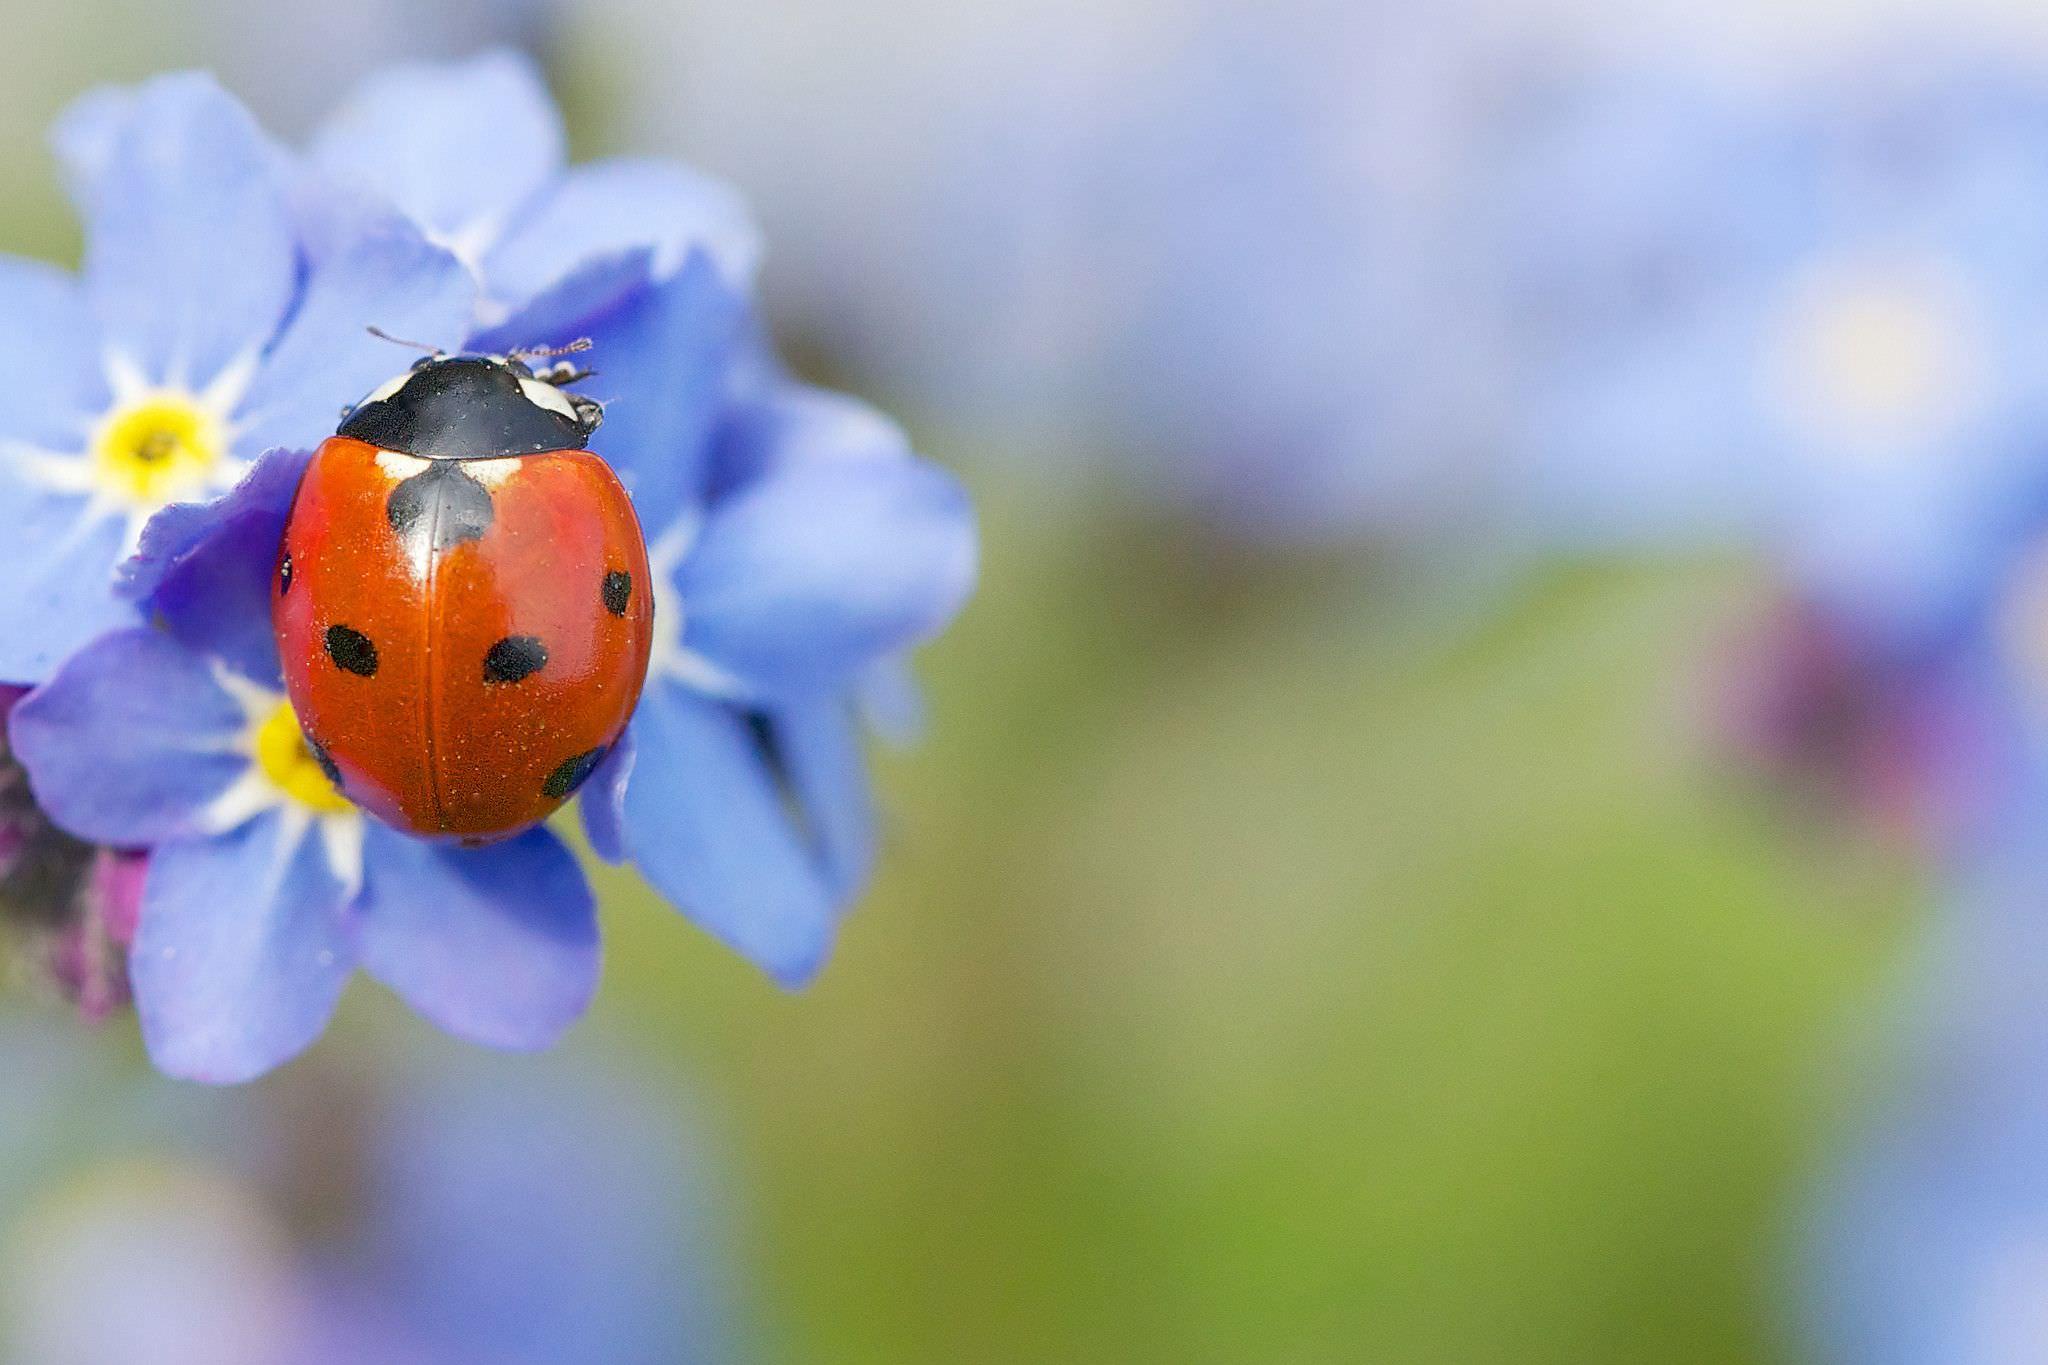 природа насекомое божья коровка цветок  № 3008099 загрузить